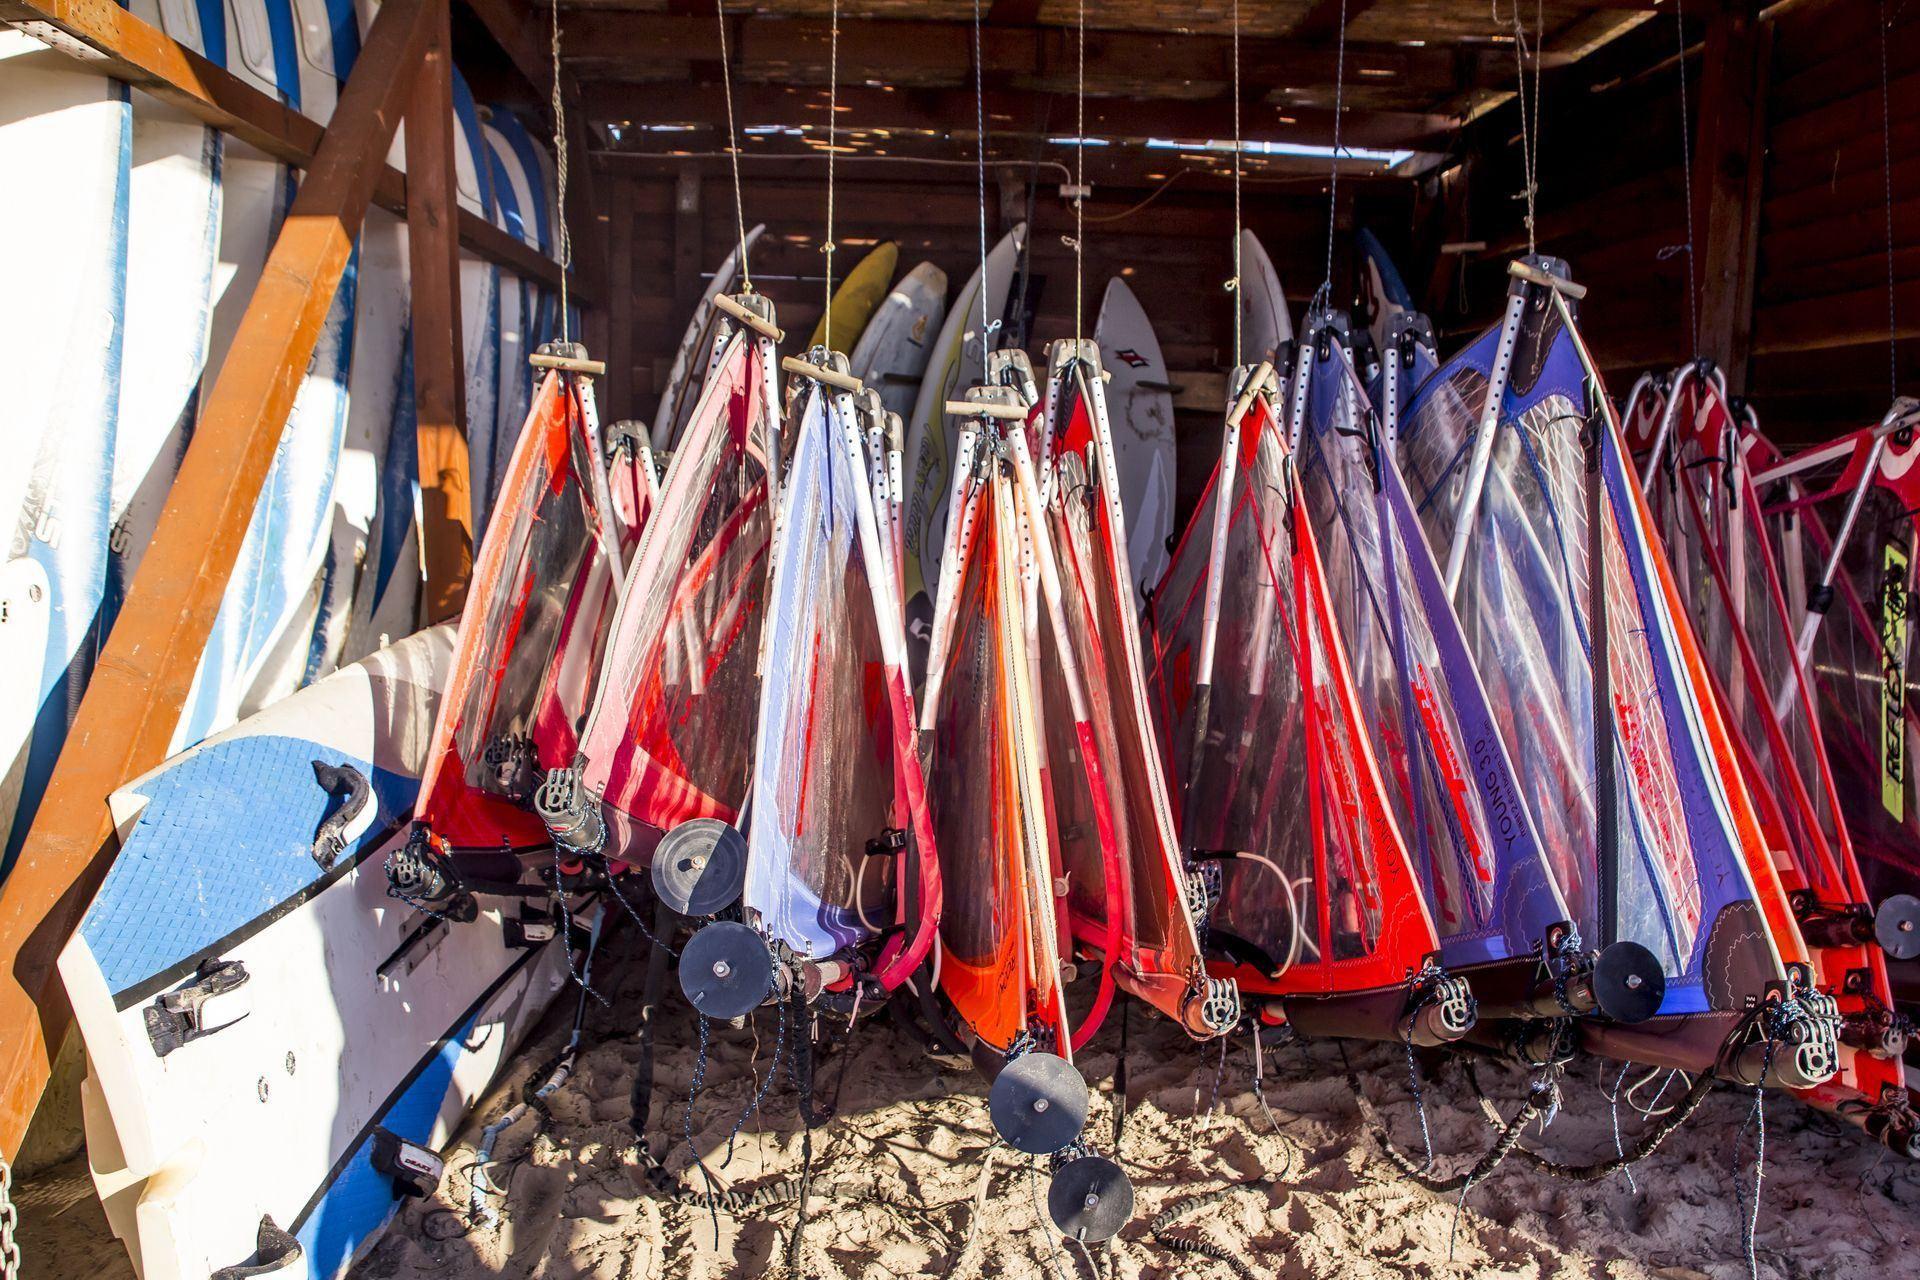 Przechowalnia sprzętu windsurfingowego